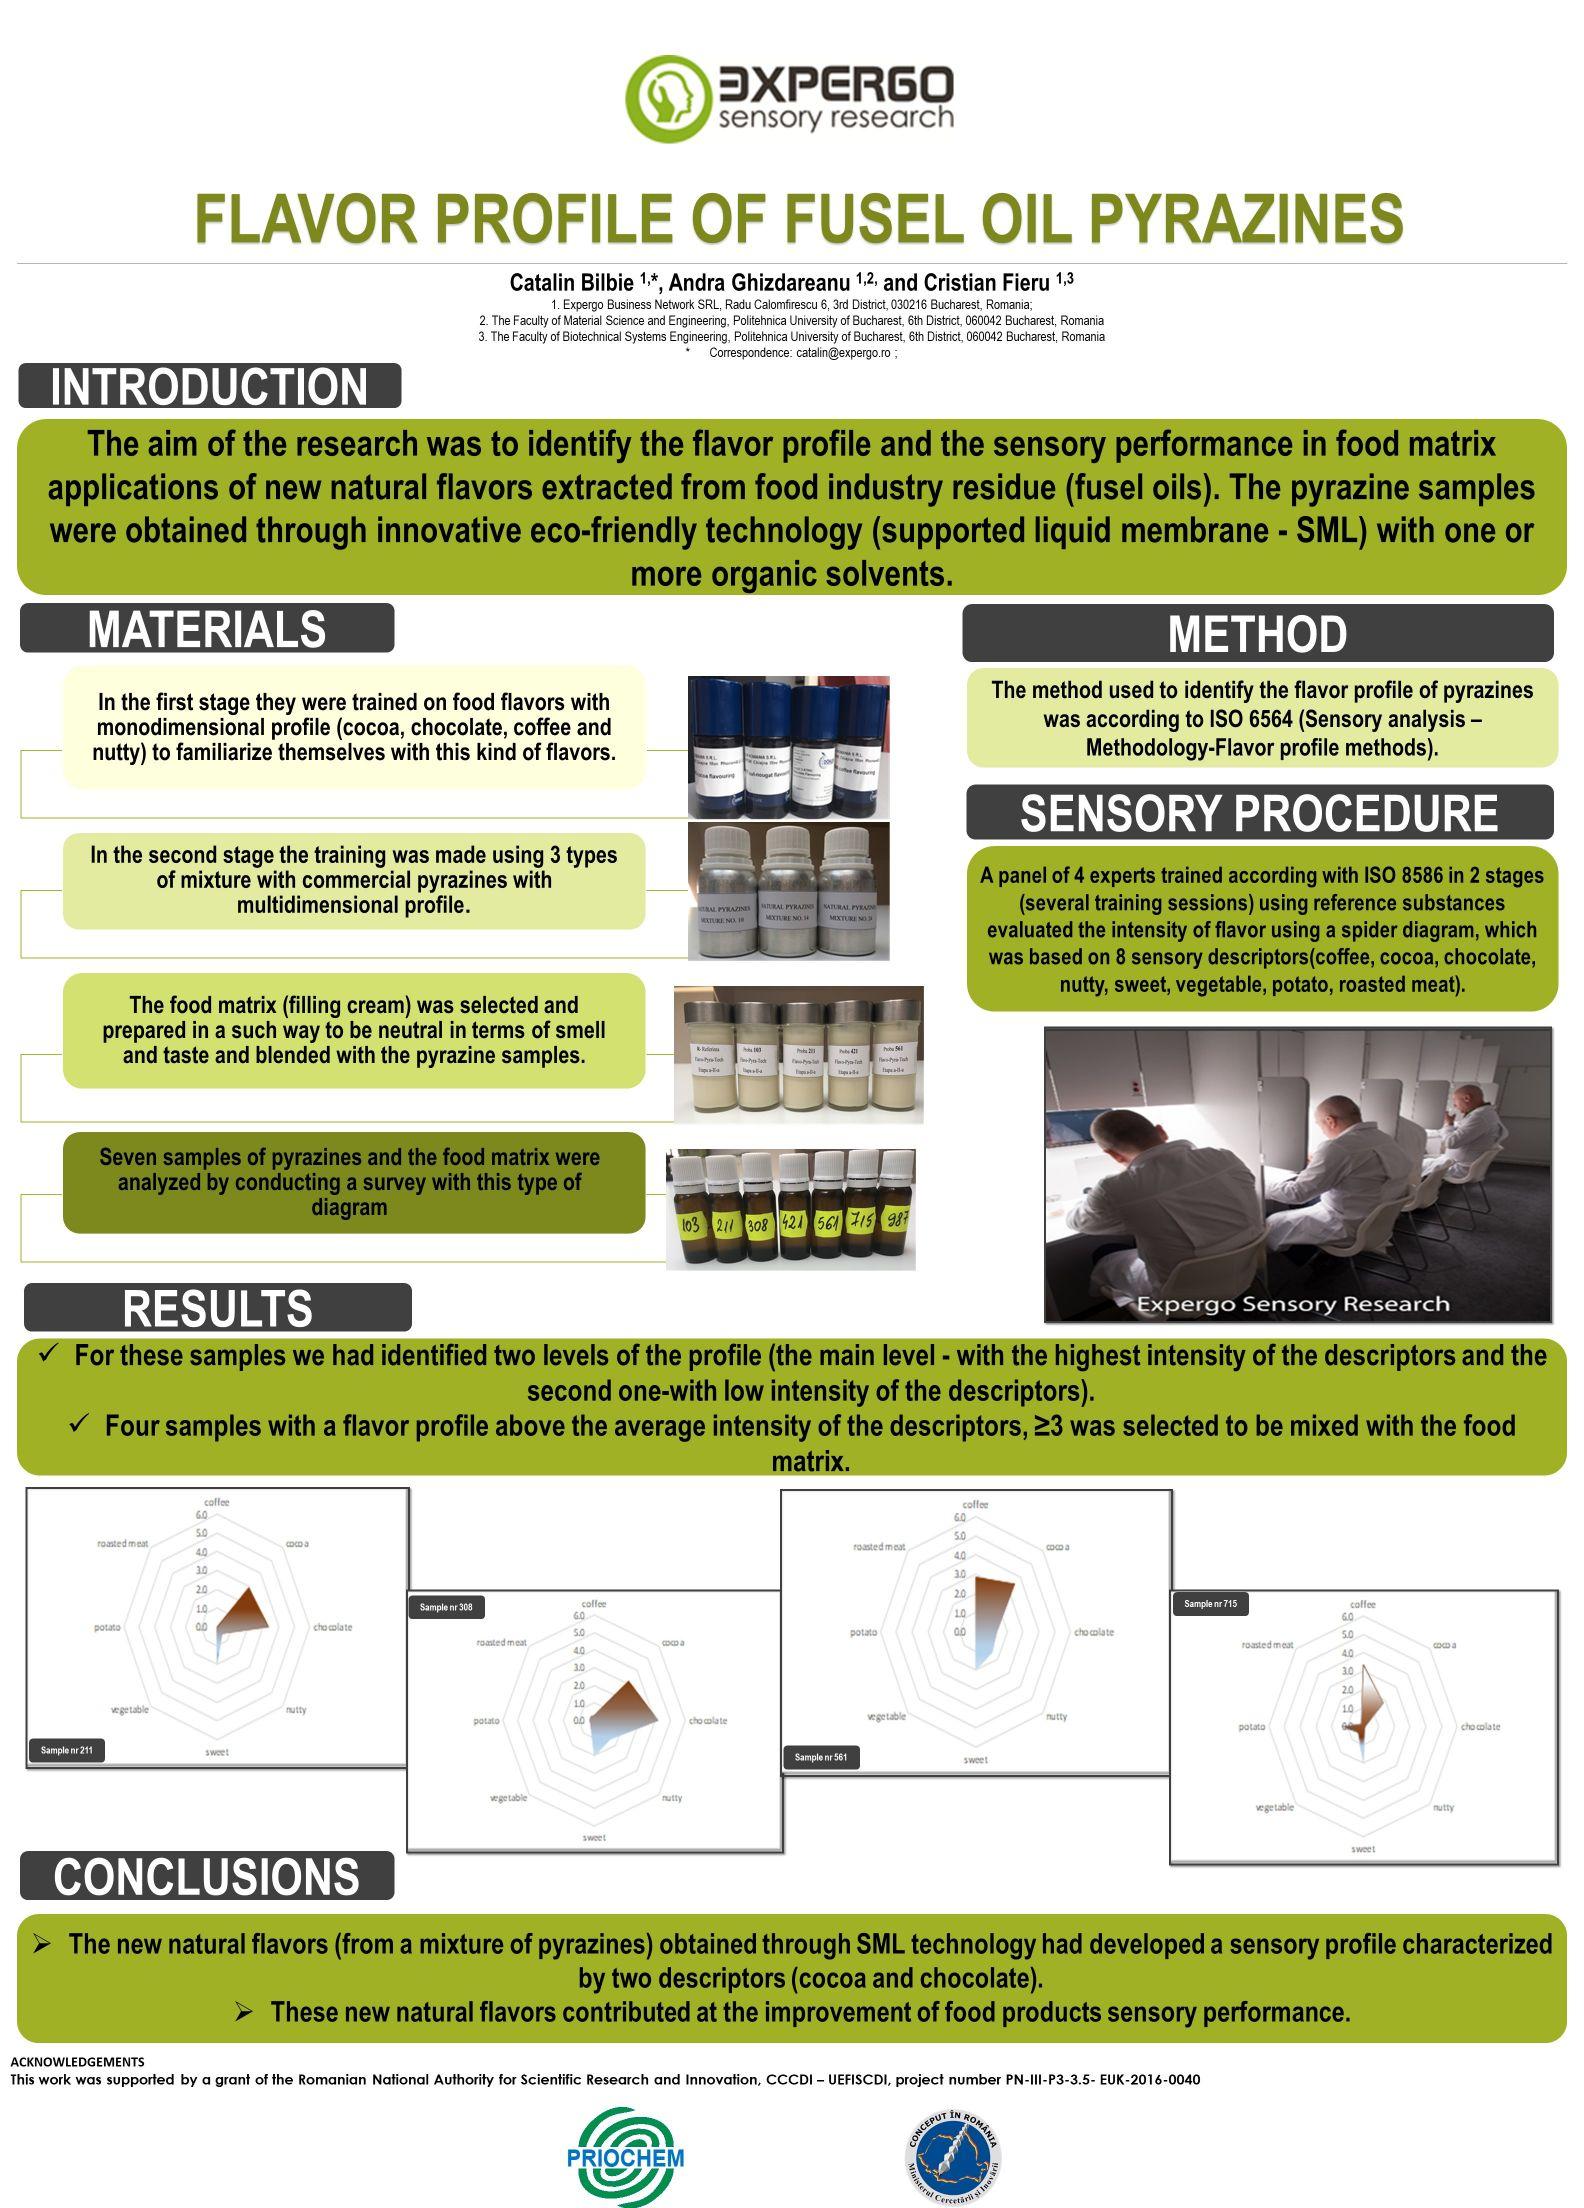 Profilul de aroma al pirazinelor obtinute din ulei de fuzel